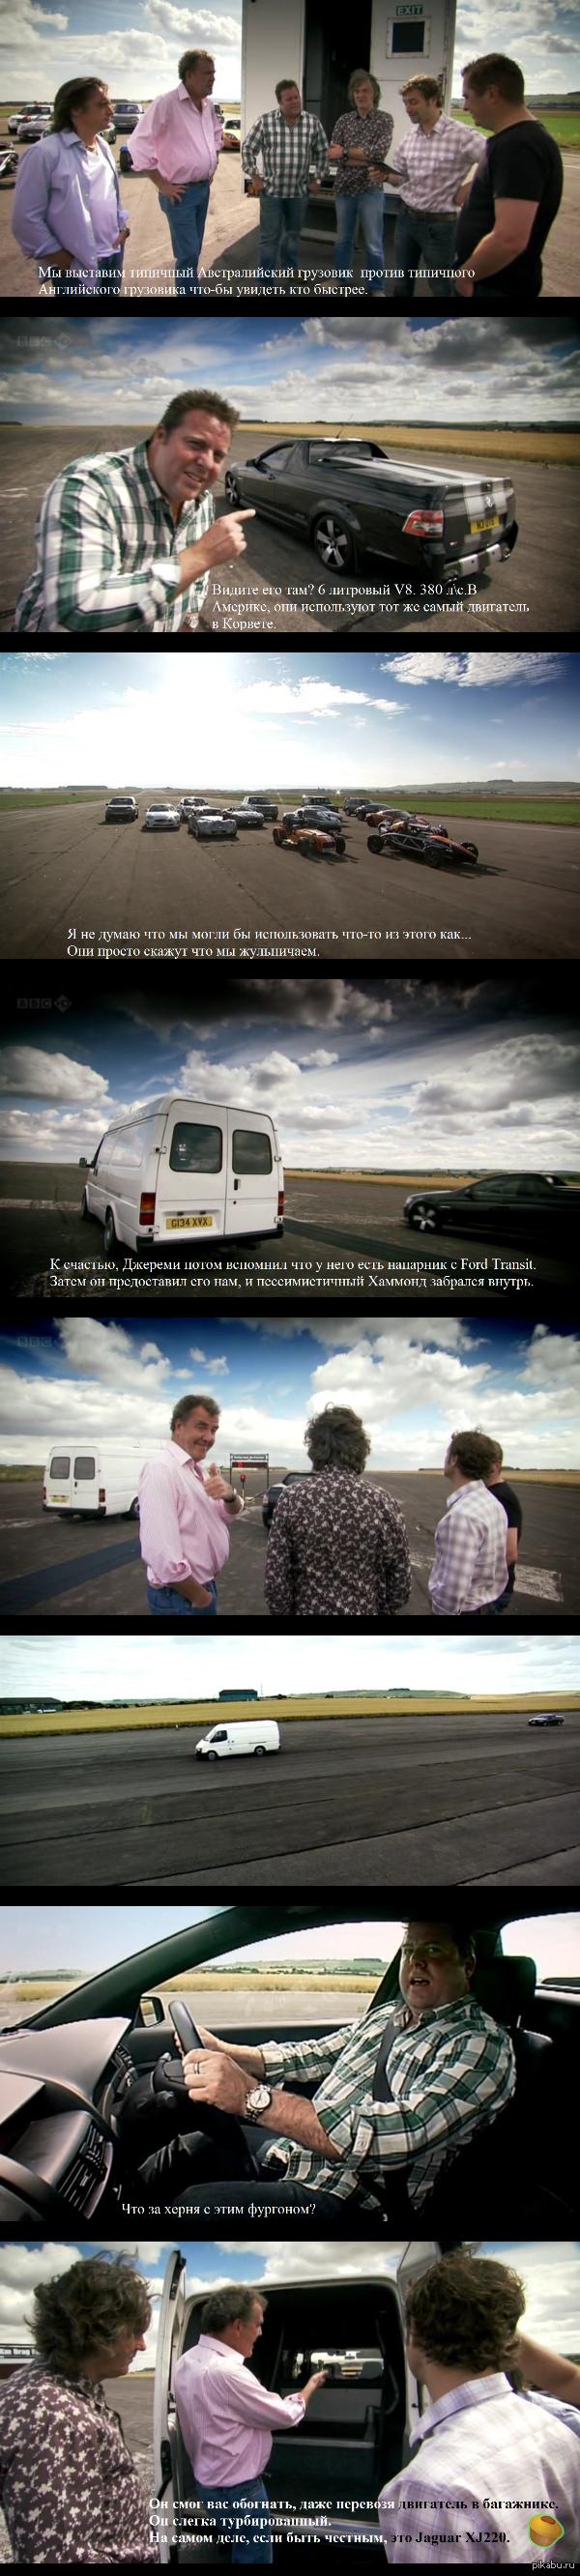 Типичный грузовик Сезон 16 - Эпизод 3